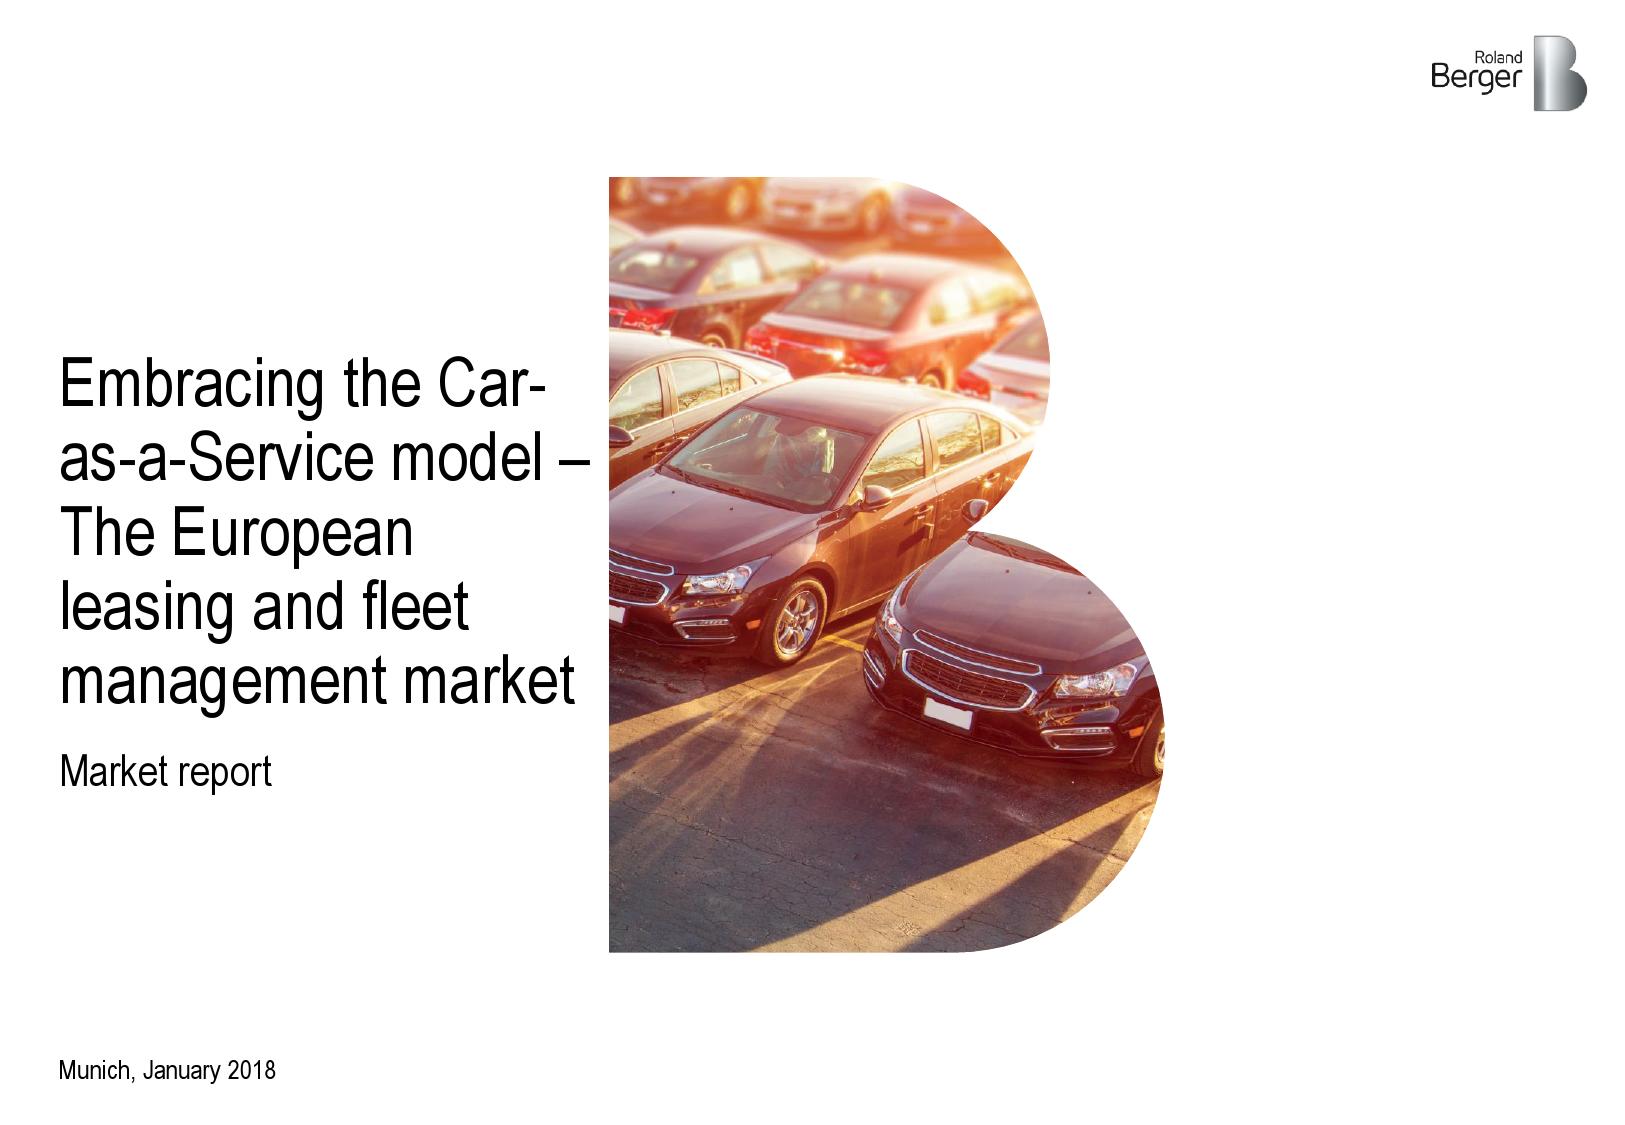 汽车即服务:车队管理解决方案供应商的中期机遇